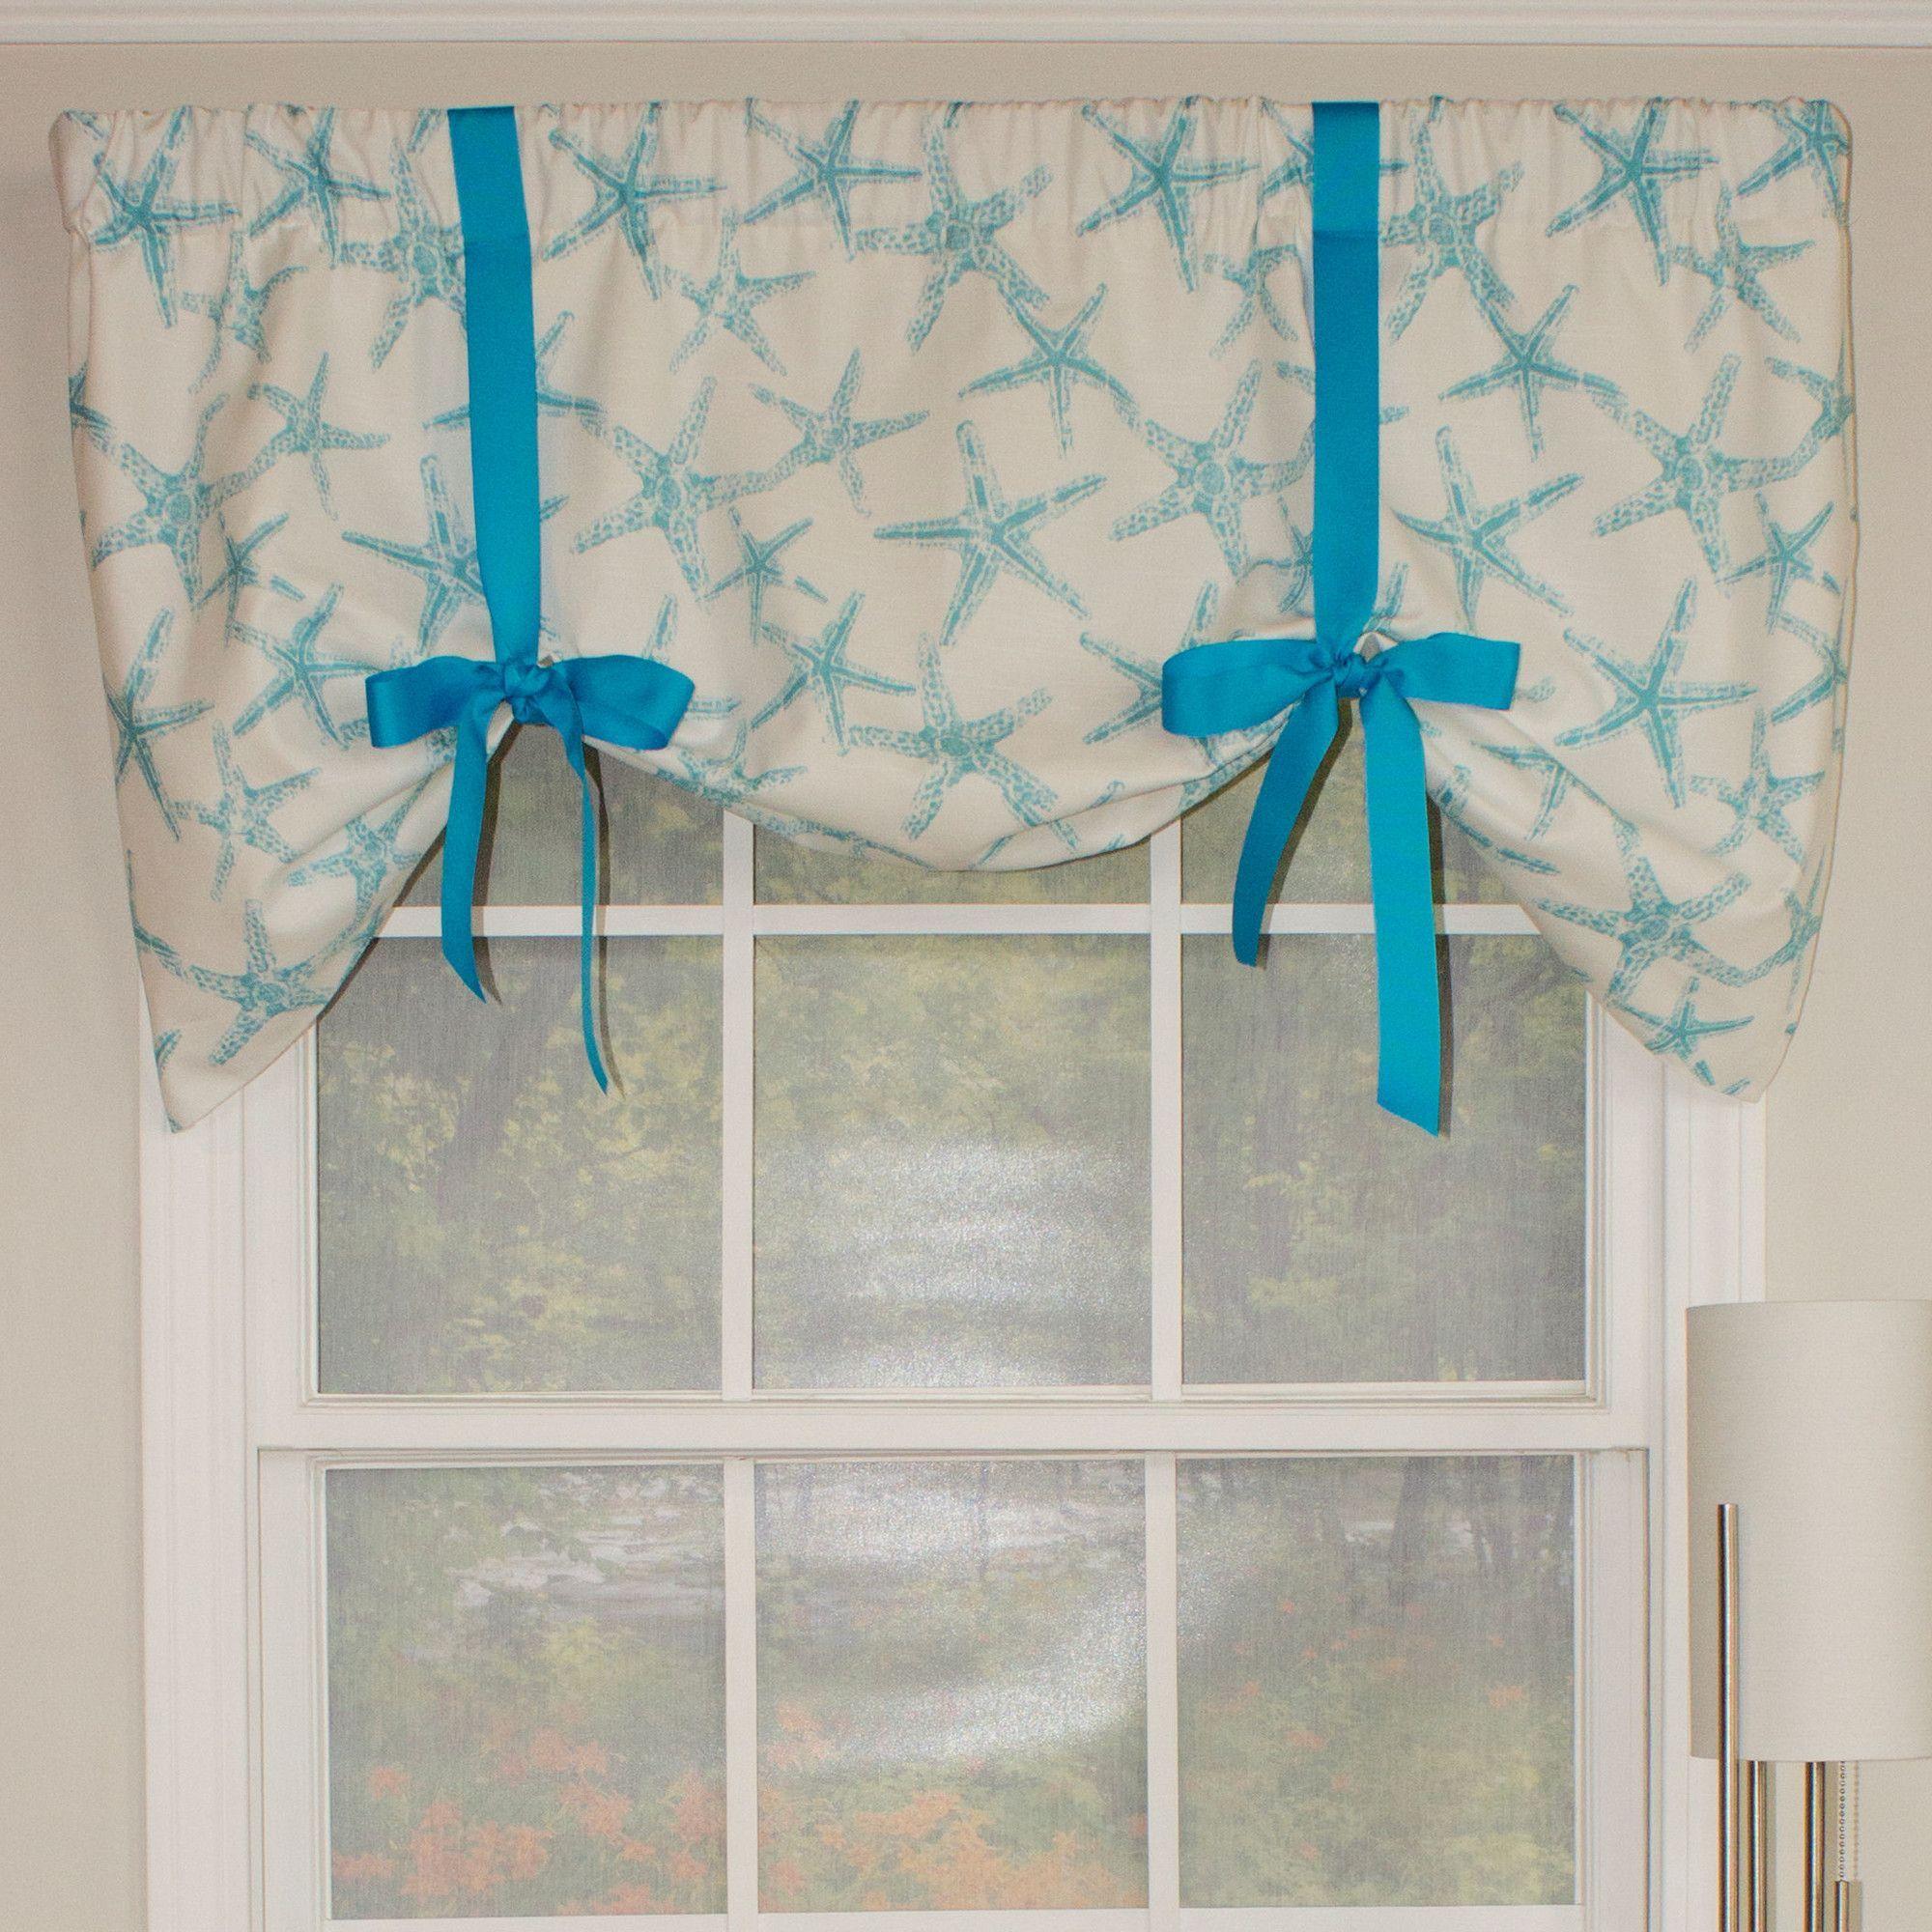 Beach Star Tie Up 50 Curtain Valance Curtains Valance Curtains